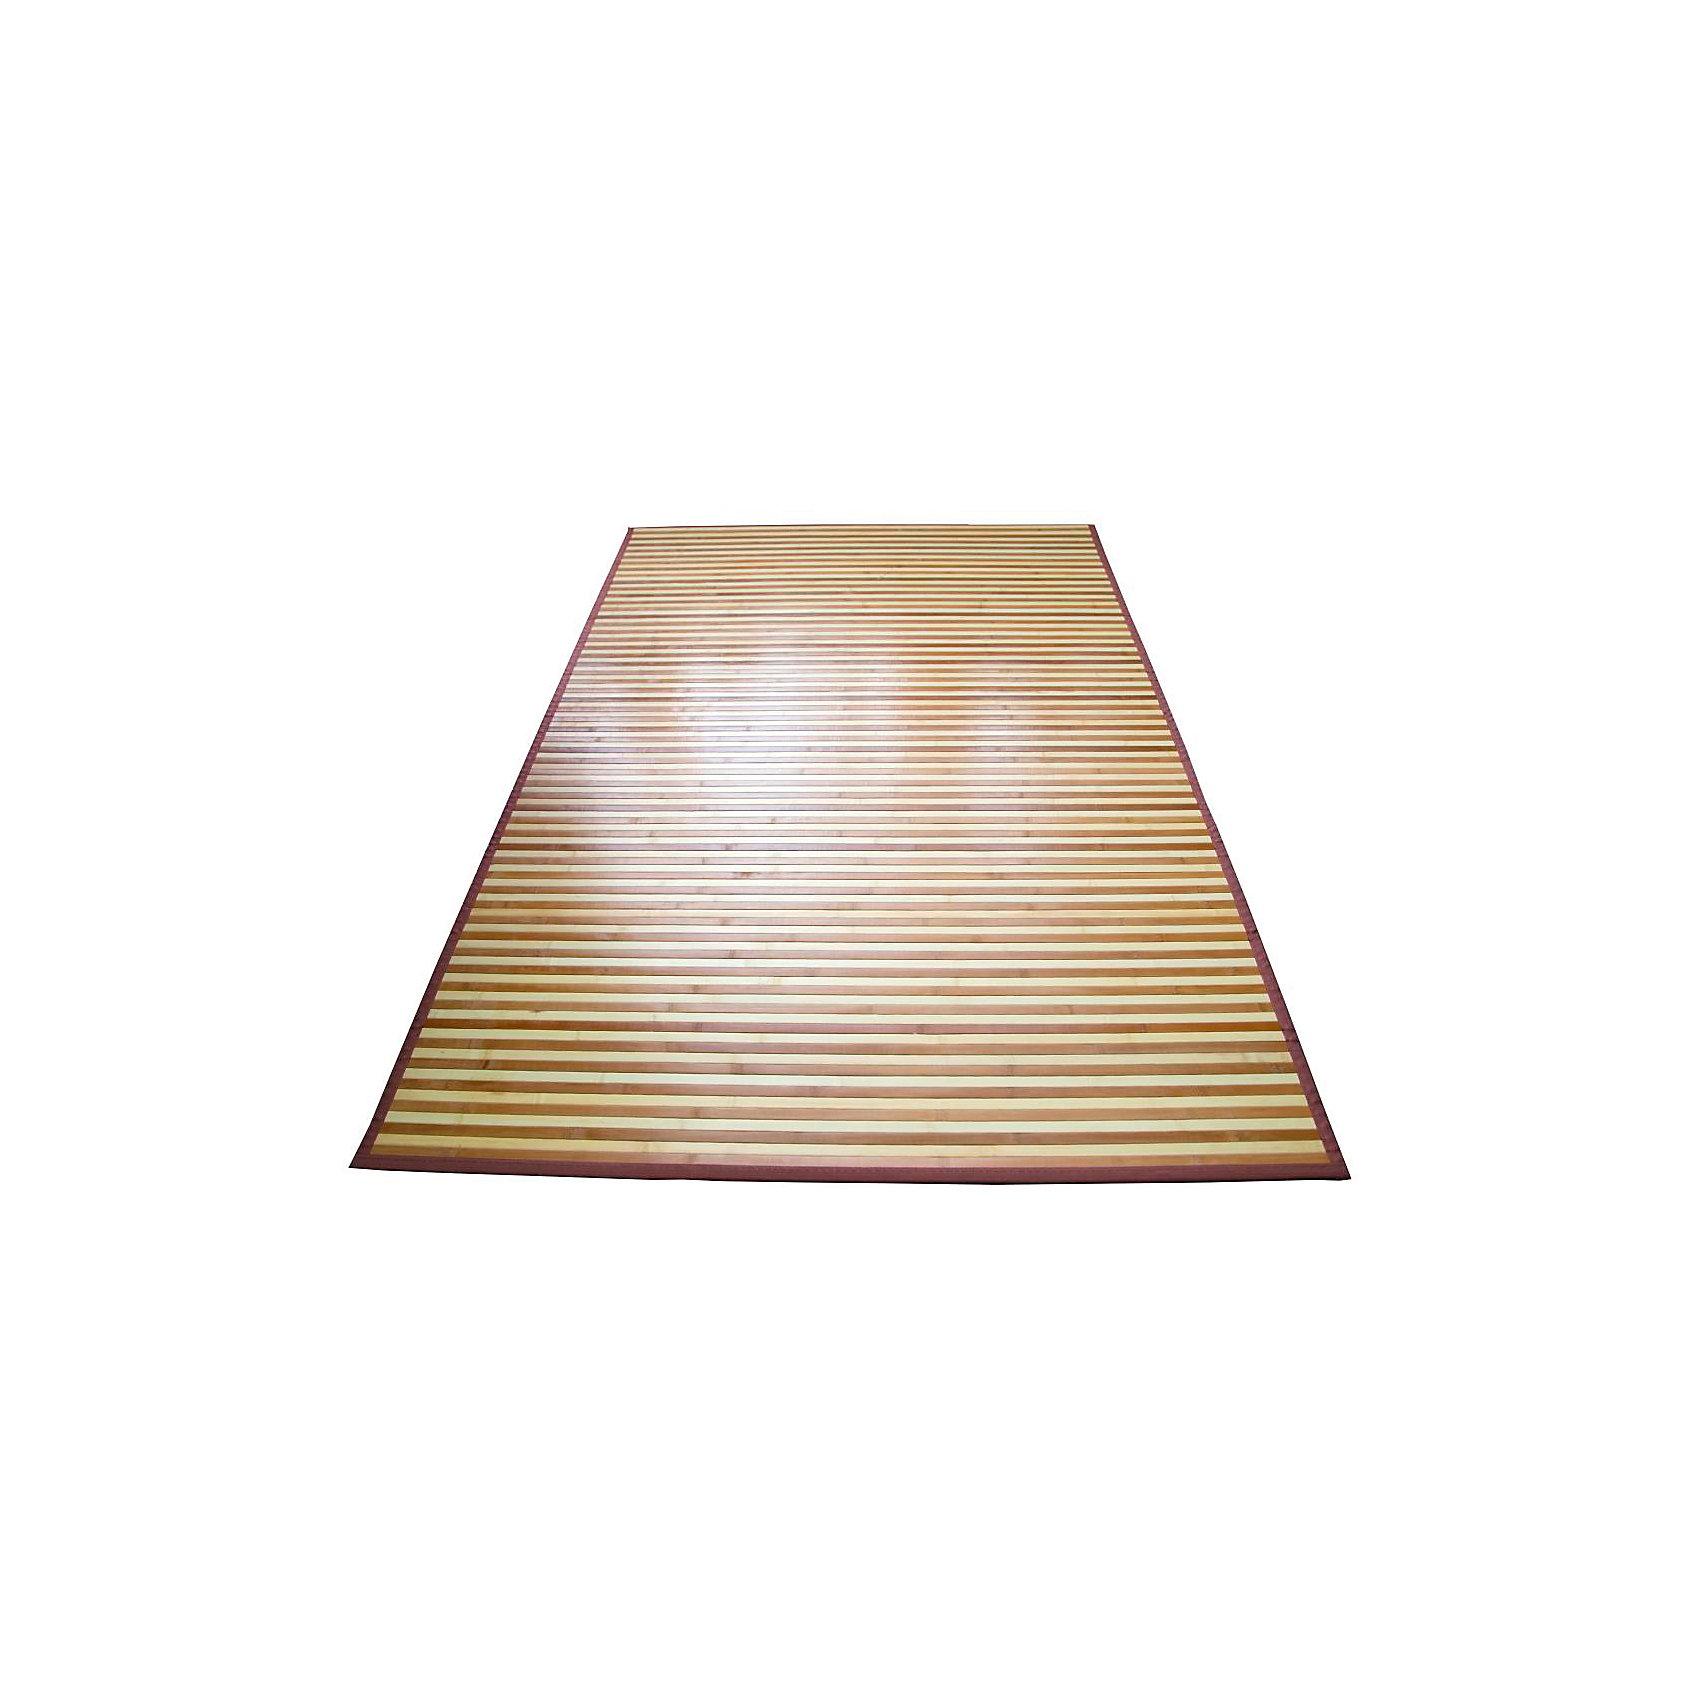 Циновка широкоплашечная 1,2х1,8 бамбук, Amigo, mix